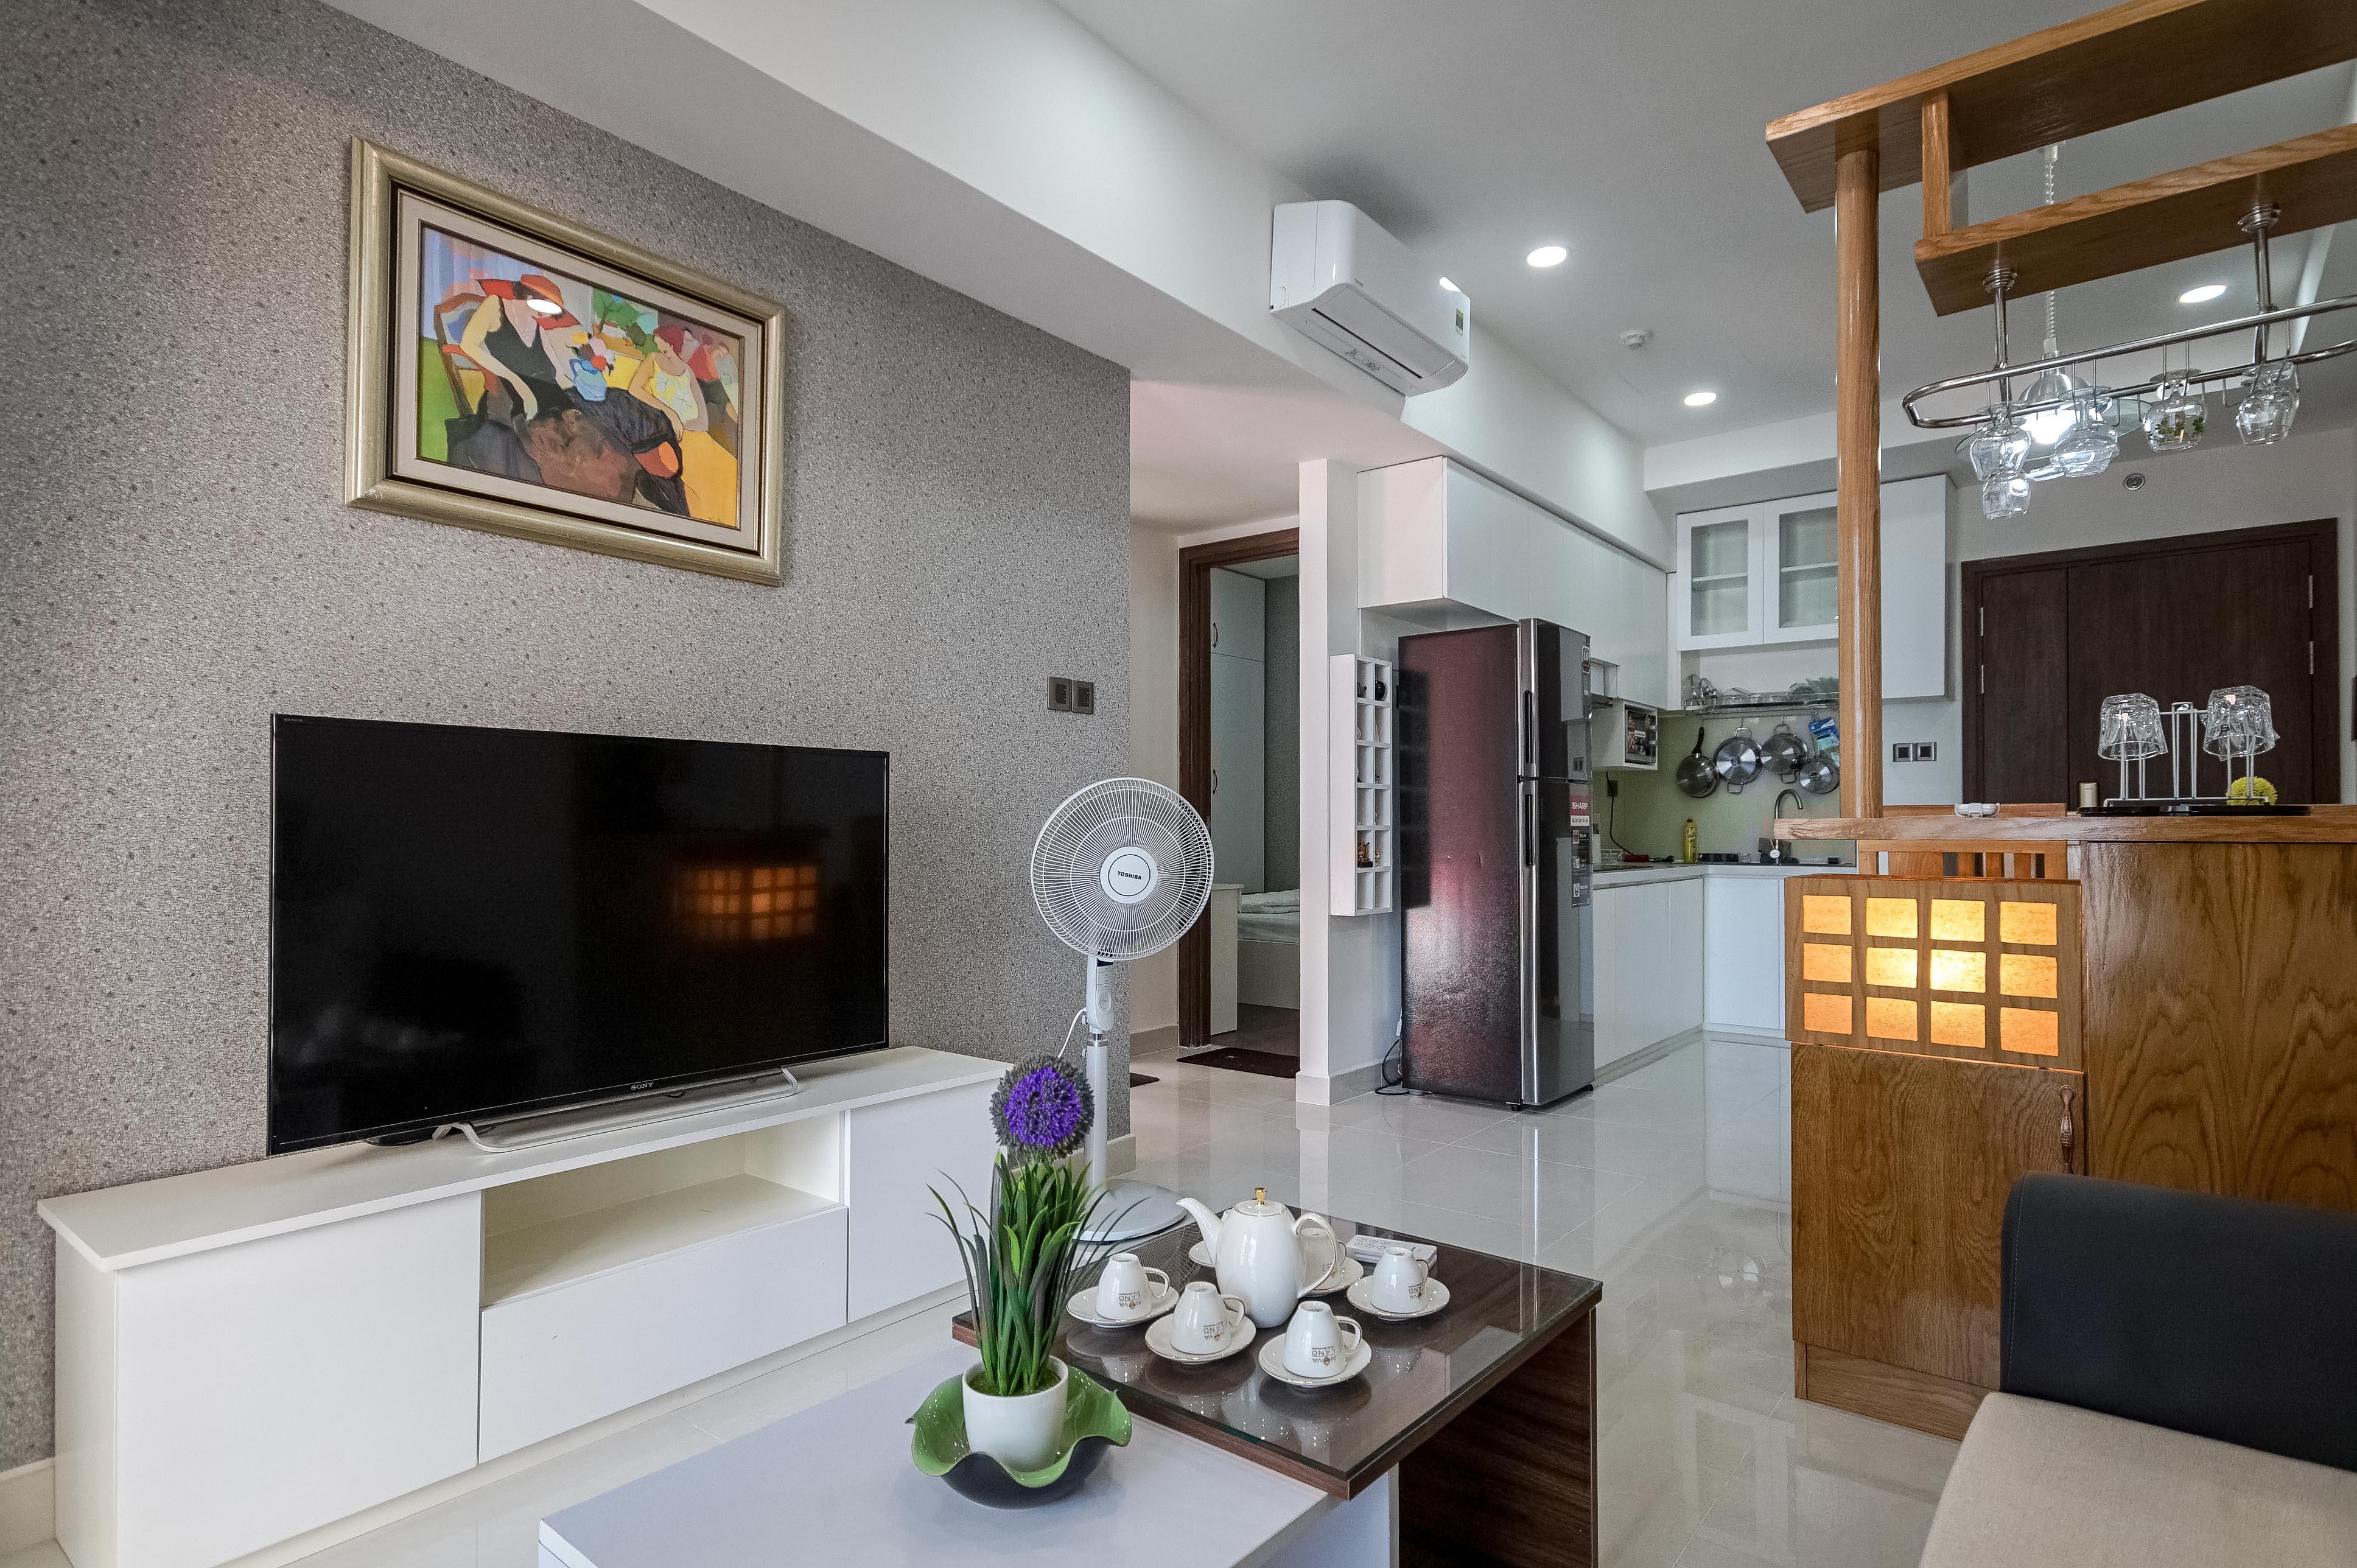 Căn hộ 1 PN Saigon Royal Residence - Đầy Đủ Nội Thất & Ấm Cúng-10